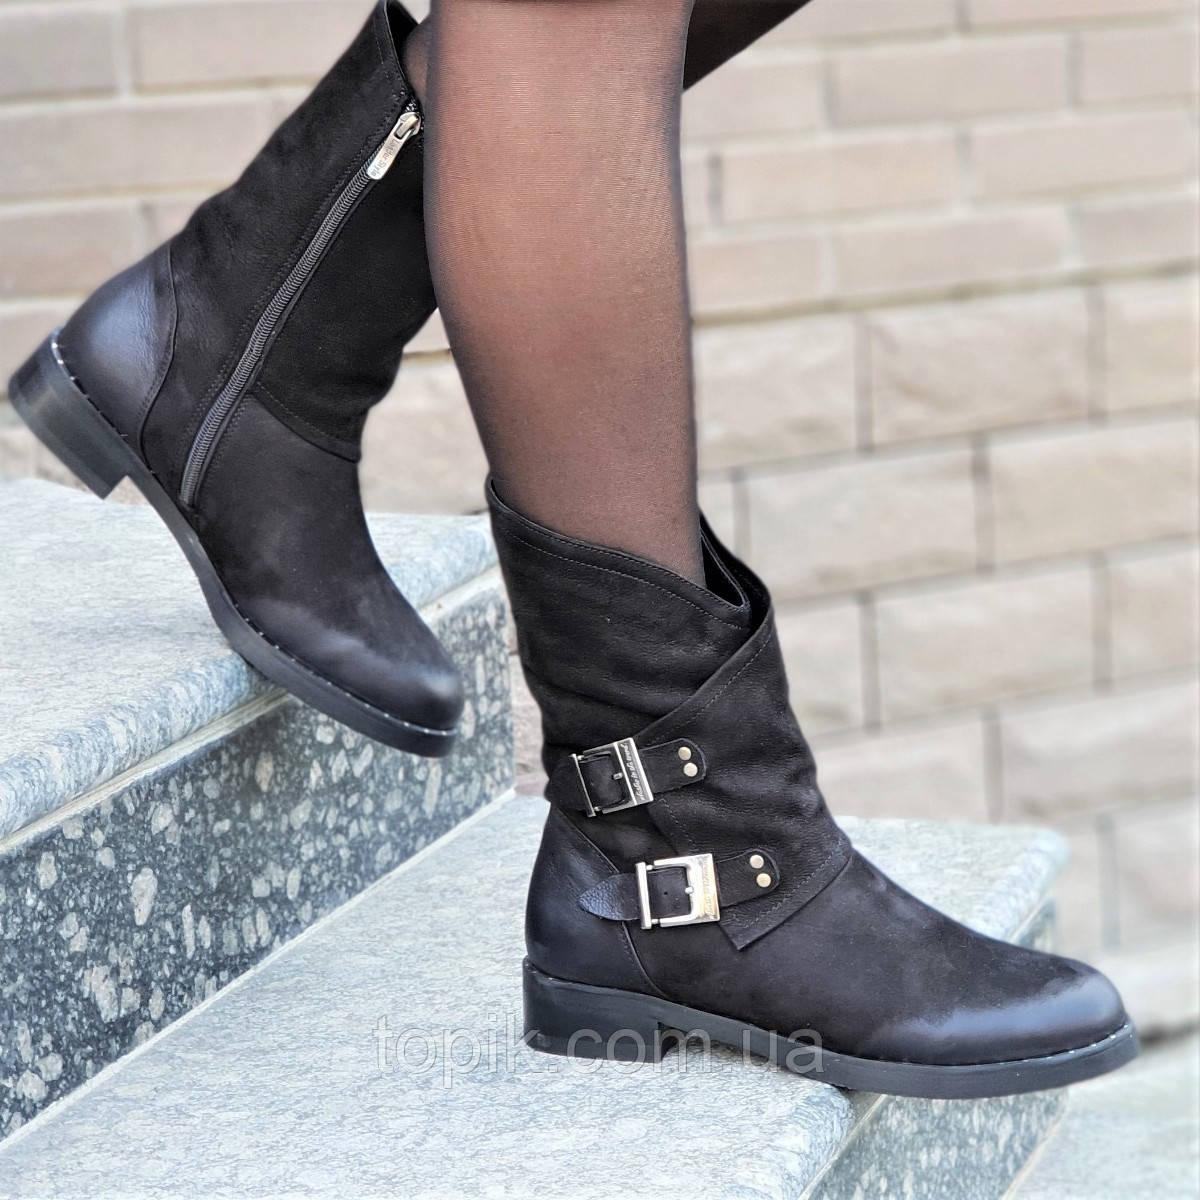 f6811c6438f96a Женские зимние ботинки, полусапожки натуральная кожа черные полушерсть  удобные популярные (Код: 1243)